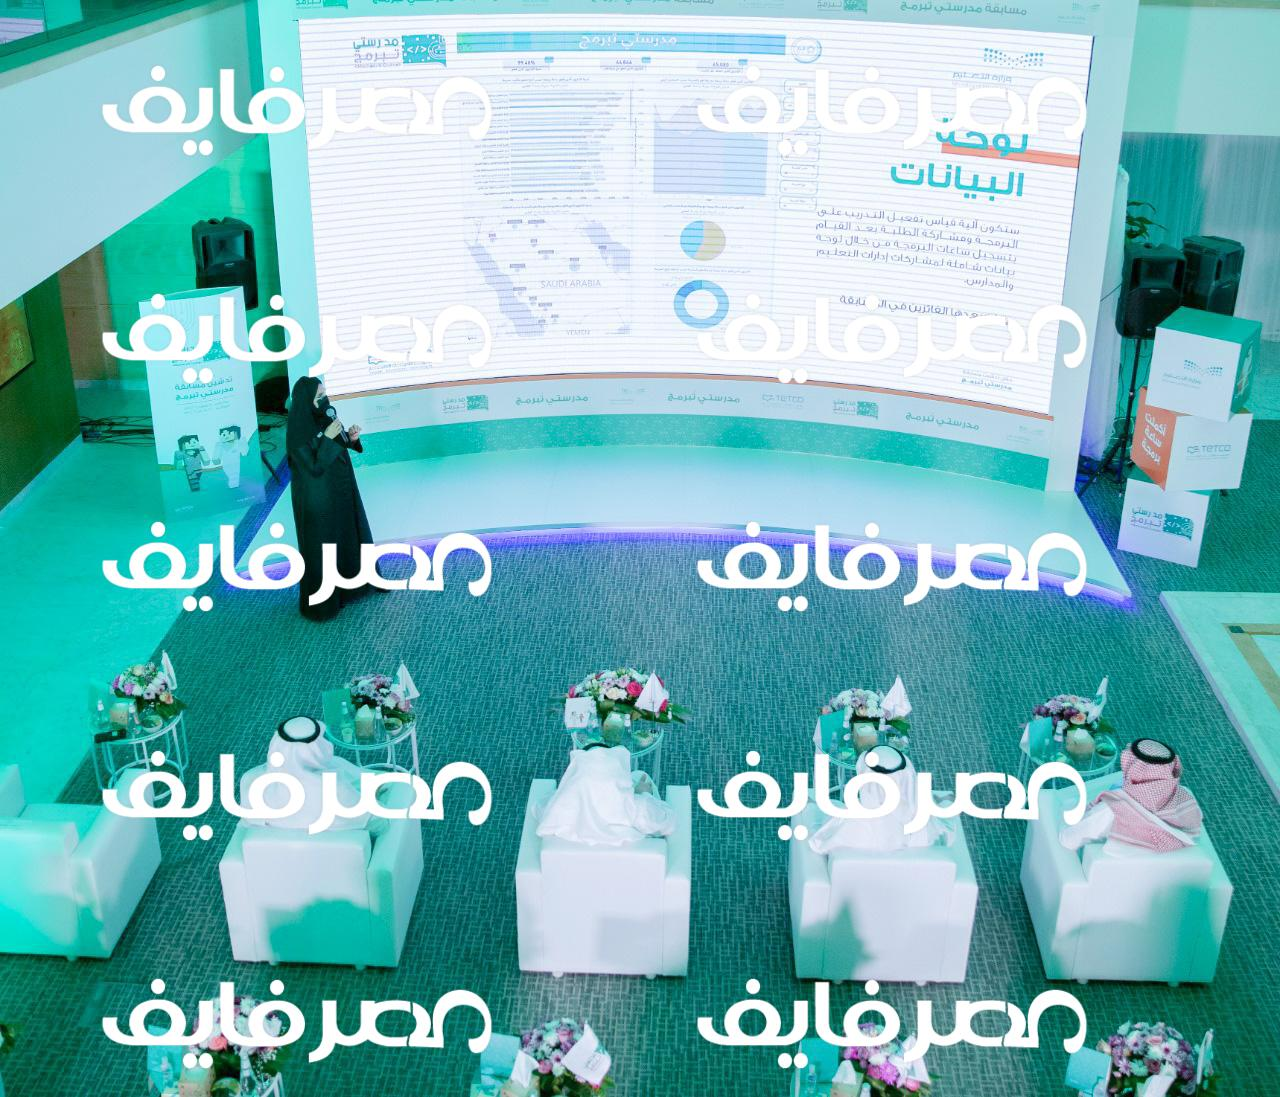 منصة مدرستي السعودية التعليمية تفعل مسابقة مدرستي تبرمج باستخدام لعبة ماين كرافت وخطوات الاشتراك في المسابقة 1